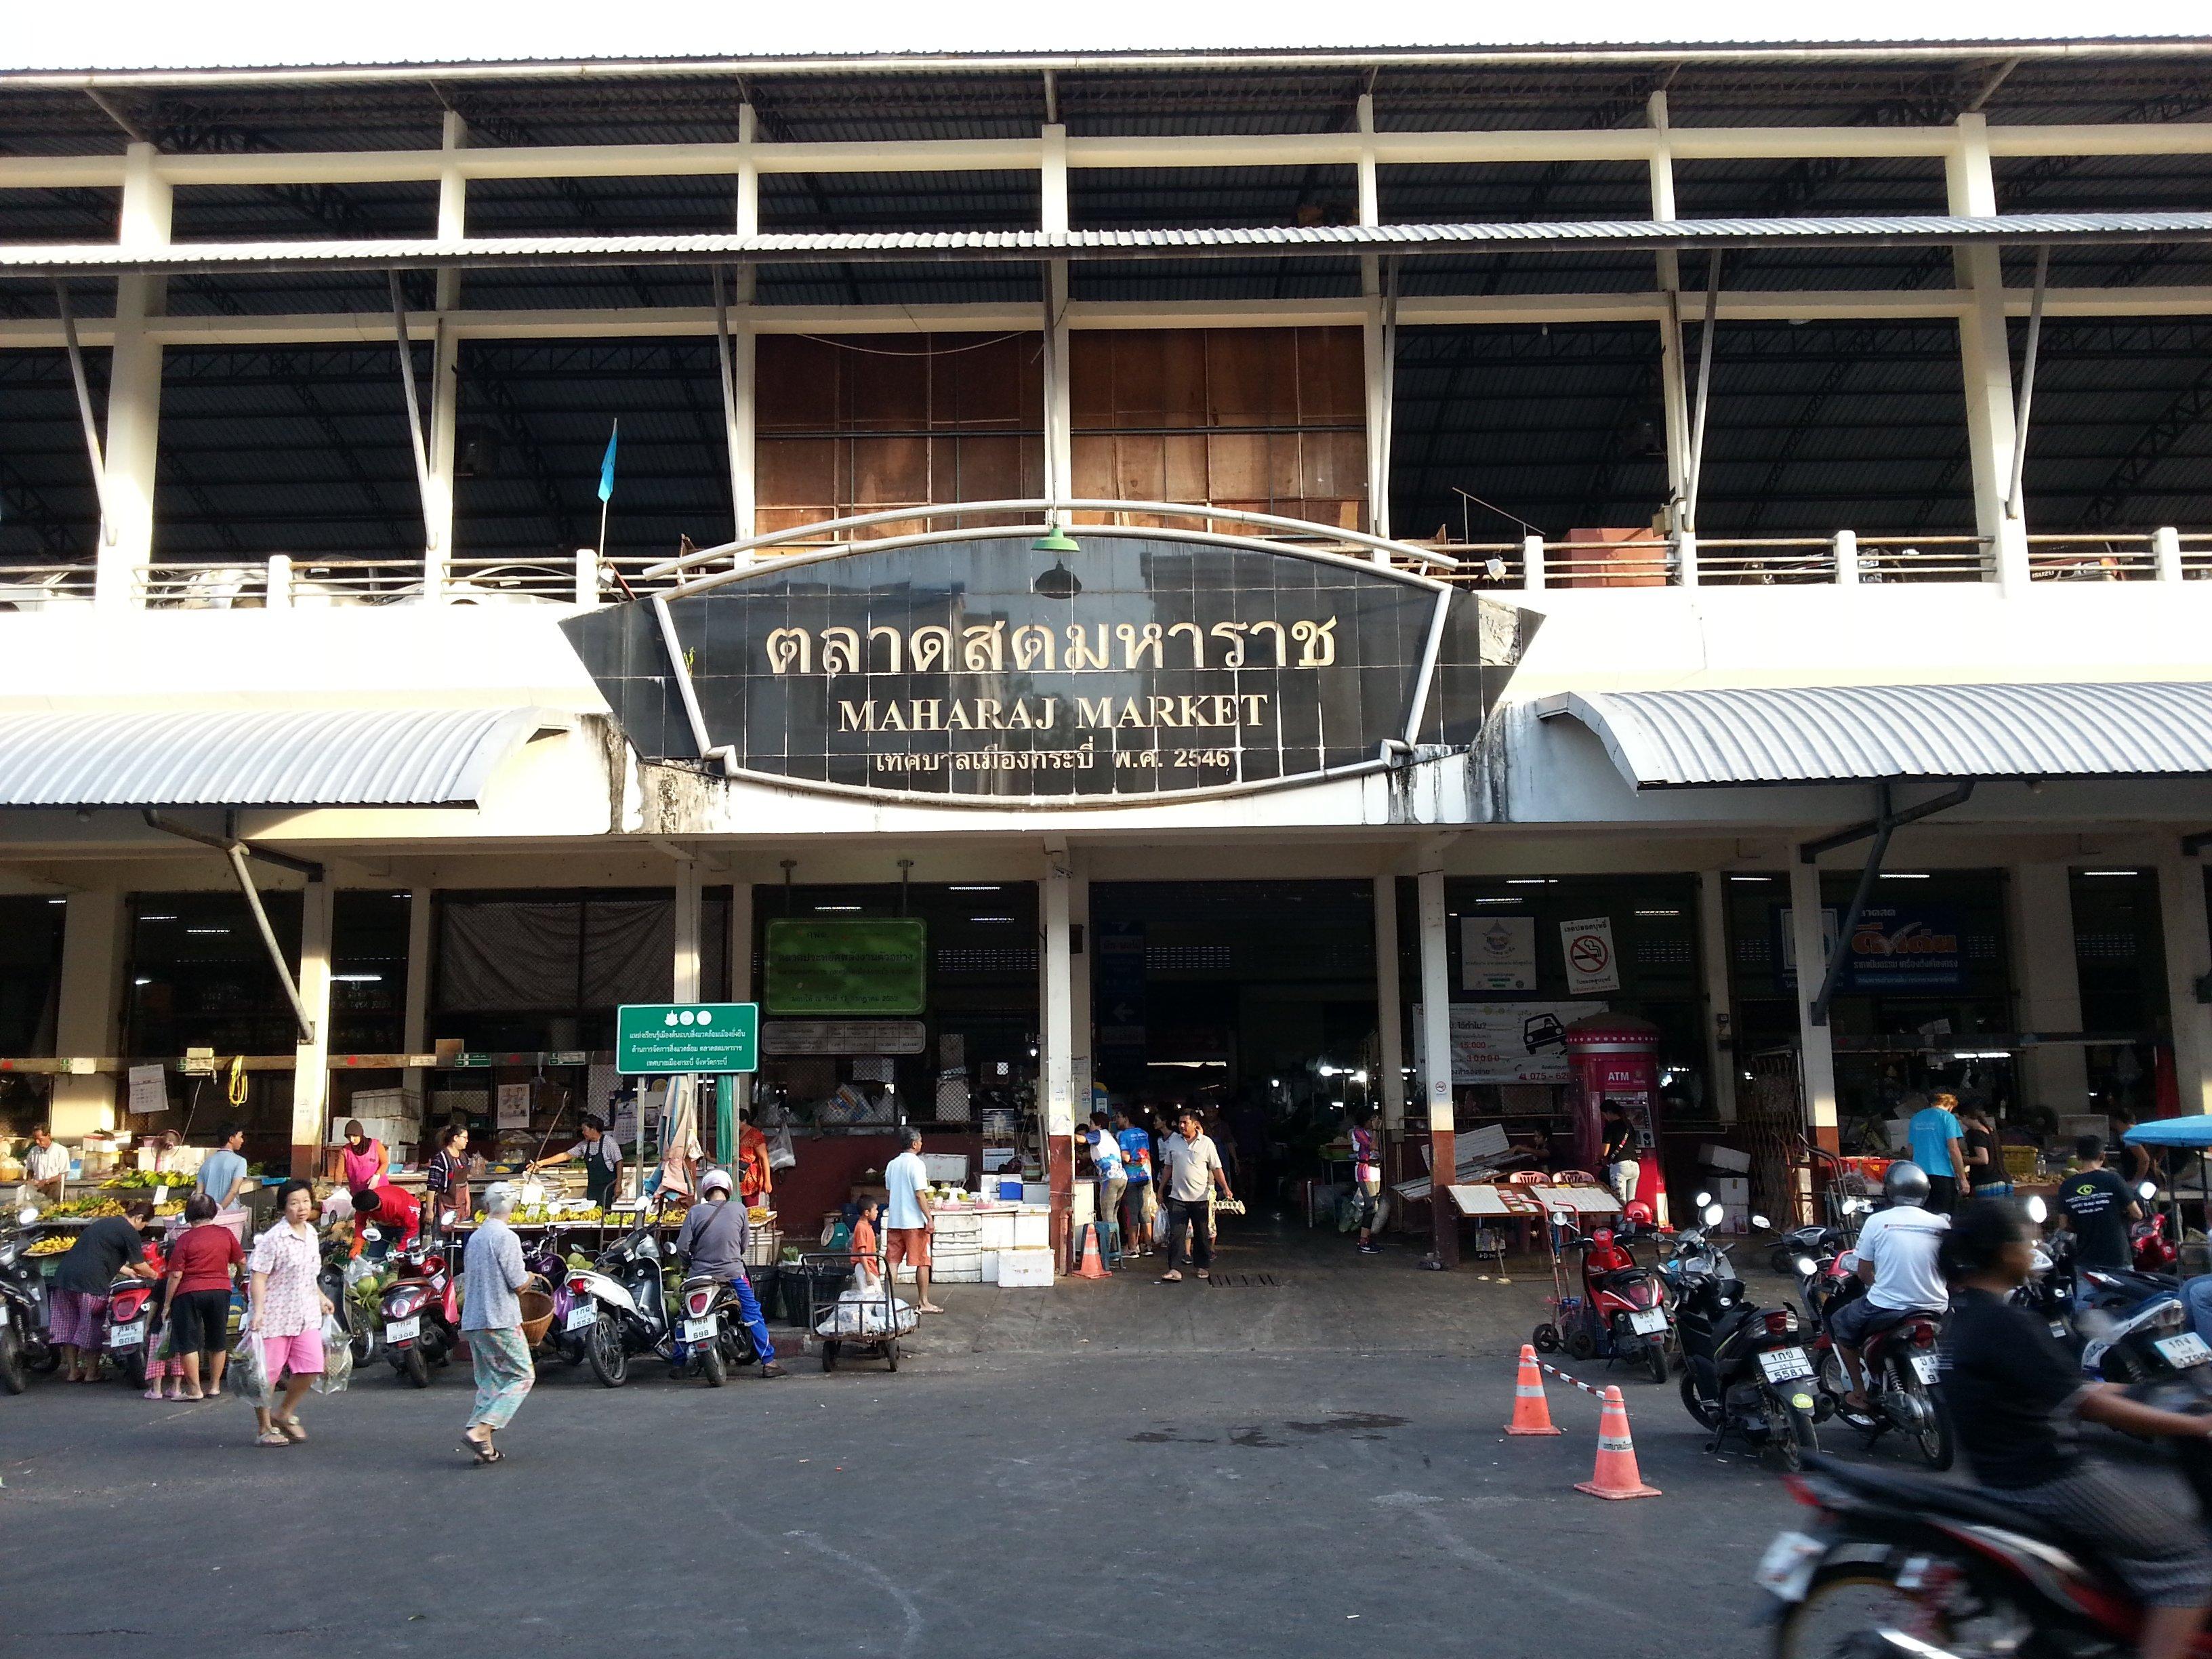 Maharaj Market in Krabi